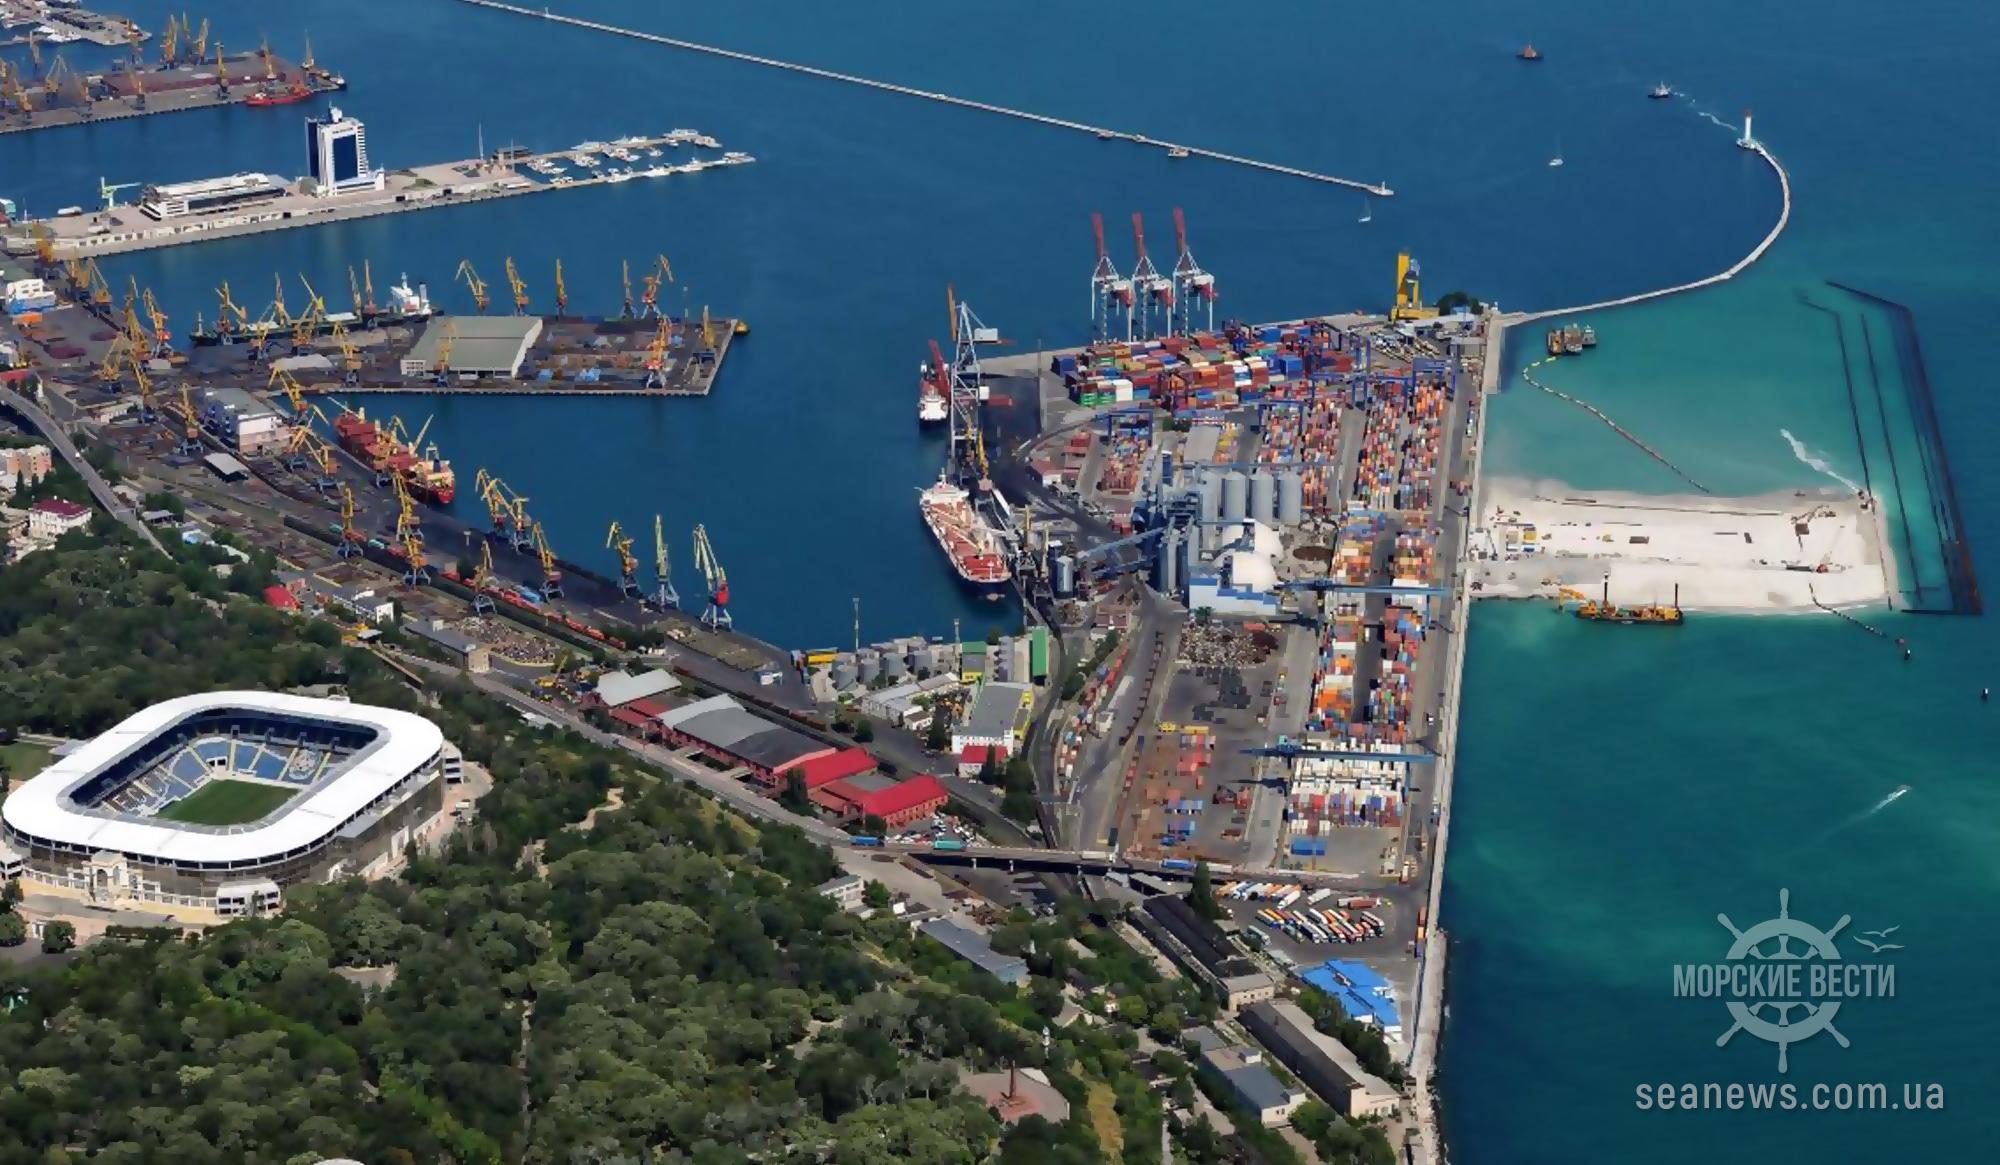 В Одессе достроили железную дорогу в порт